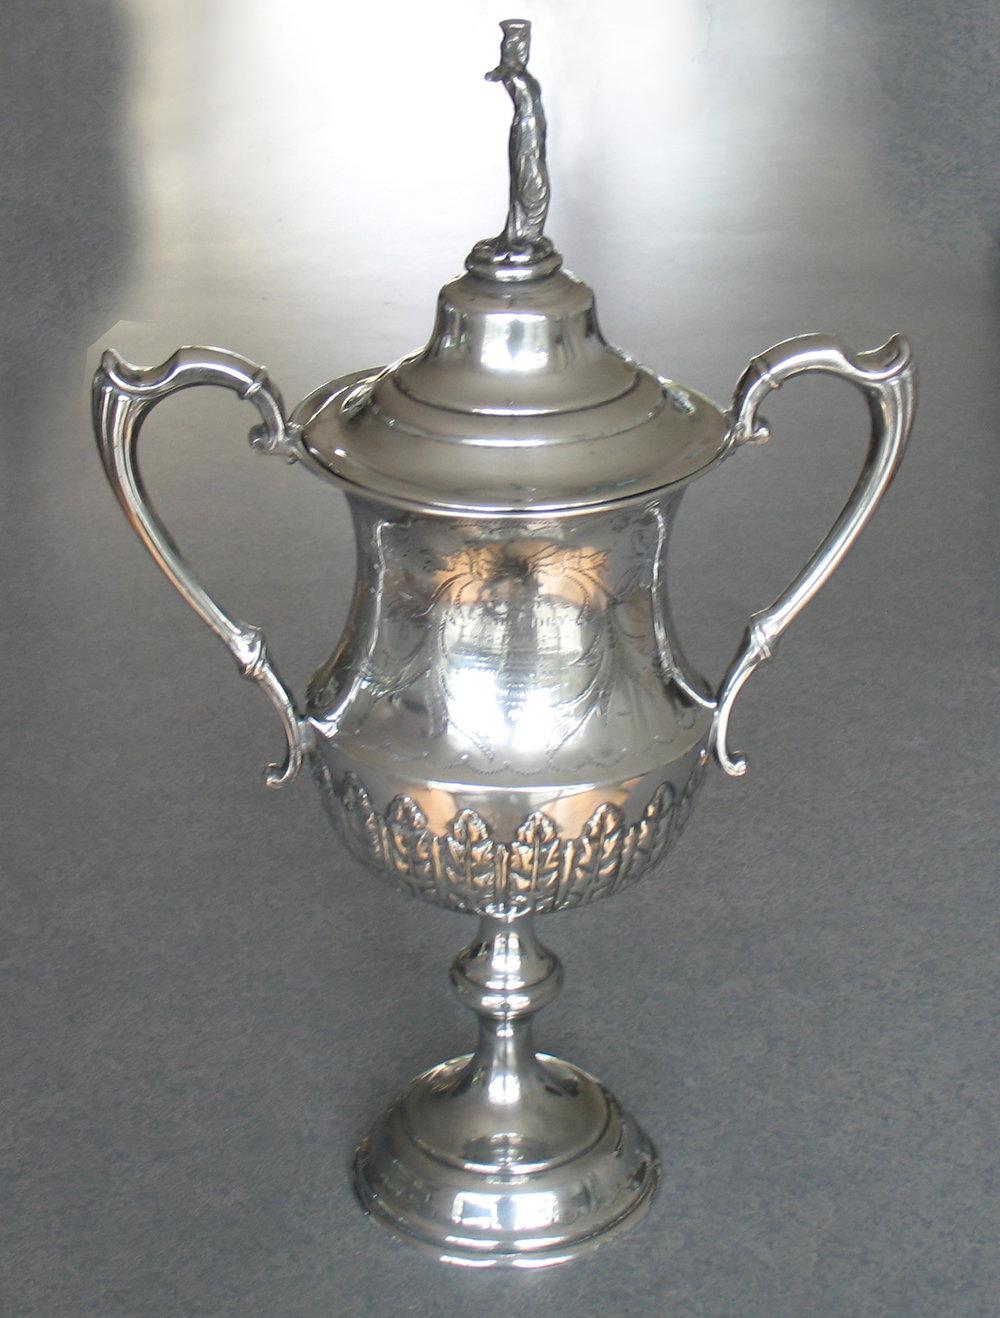 SilverPlate-trophy-repaired-straightened.jpg